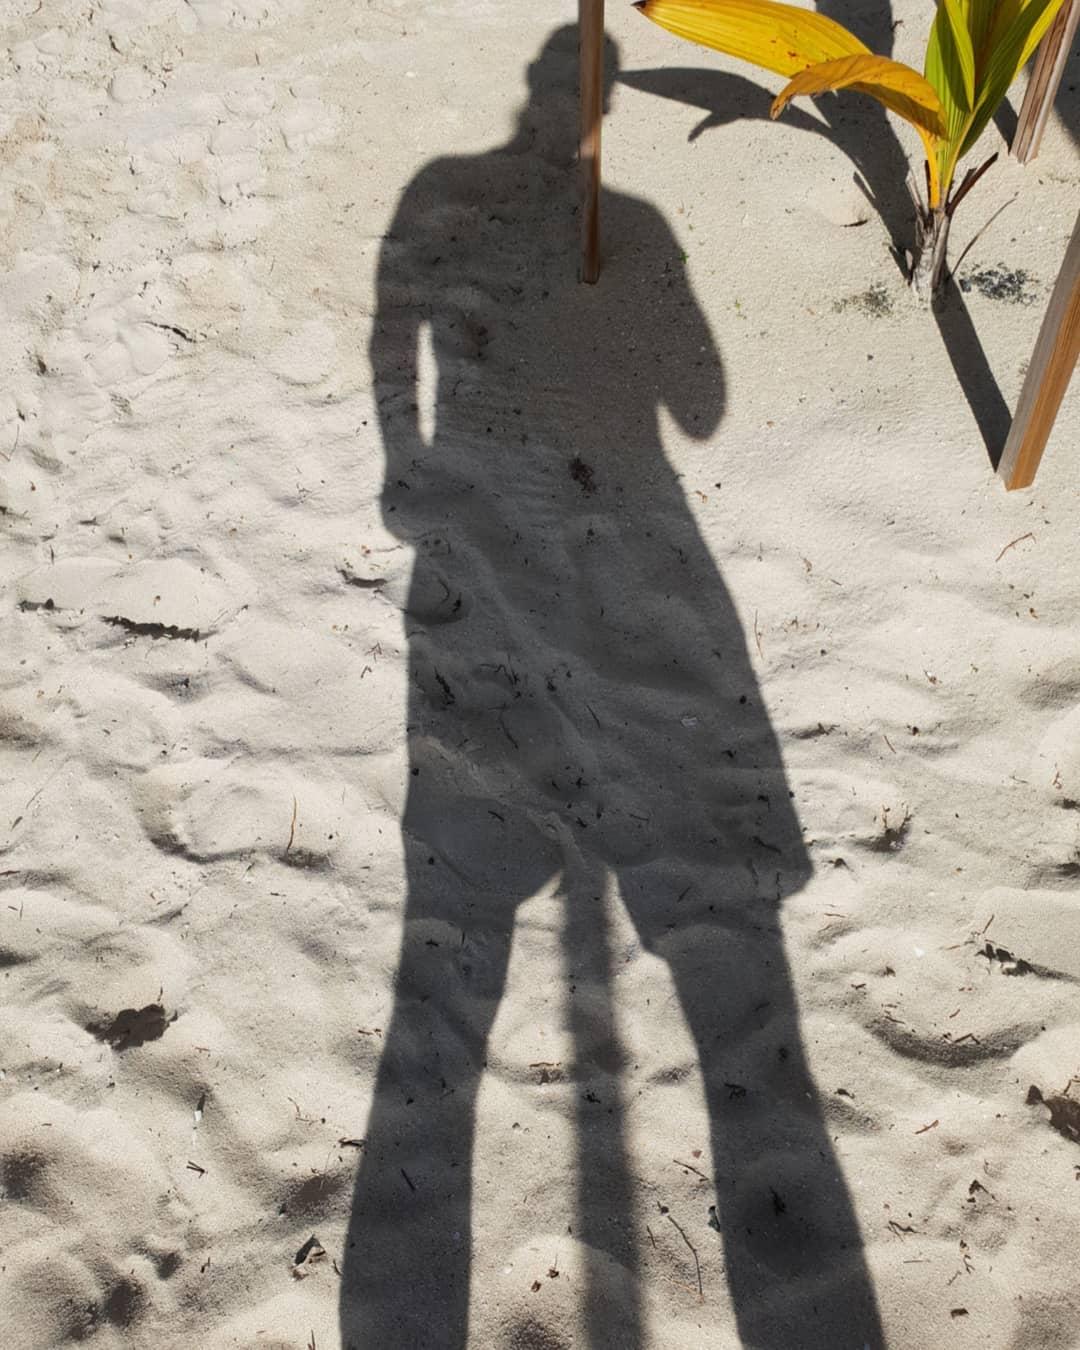 Wer findet die versteckte Botschaft in dem Foto?😎😉 . #martinique #caribbean #beach #hotel #clubmed#holiday #amazing #selfie #me #shadow #instagood #instalike #instafit #instamood #instapornstars #instaholiday #instatravel #berlin #berliner #bangboss #bosscock #dreibein #lifestyle